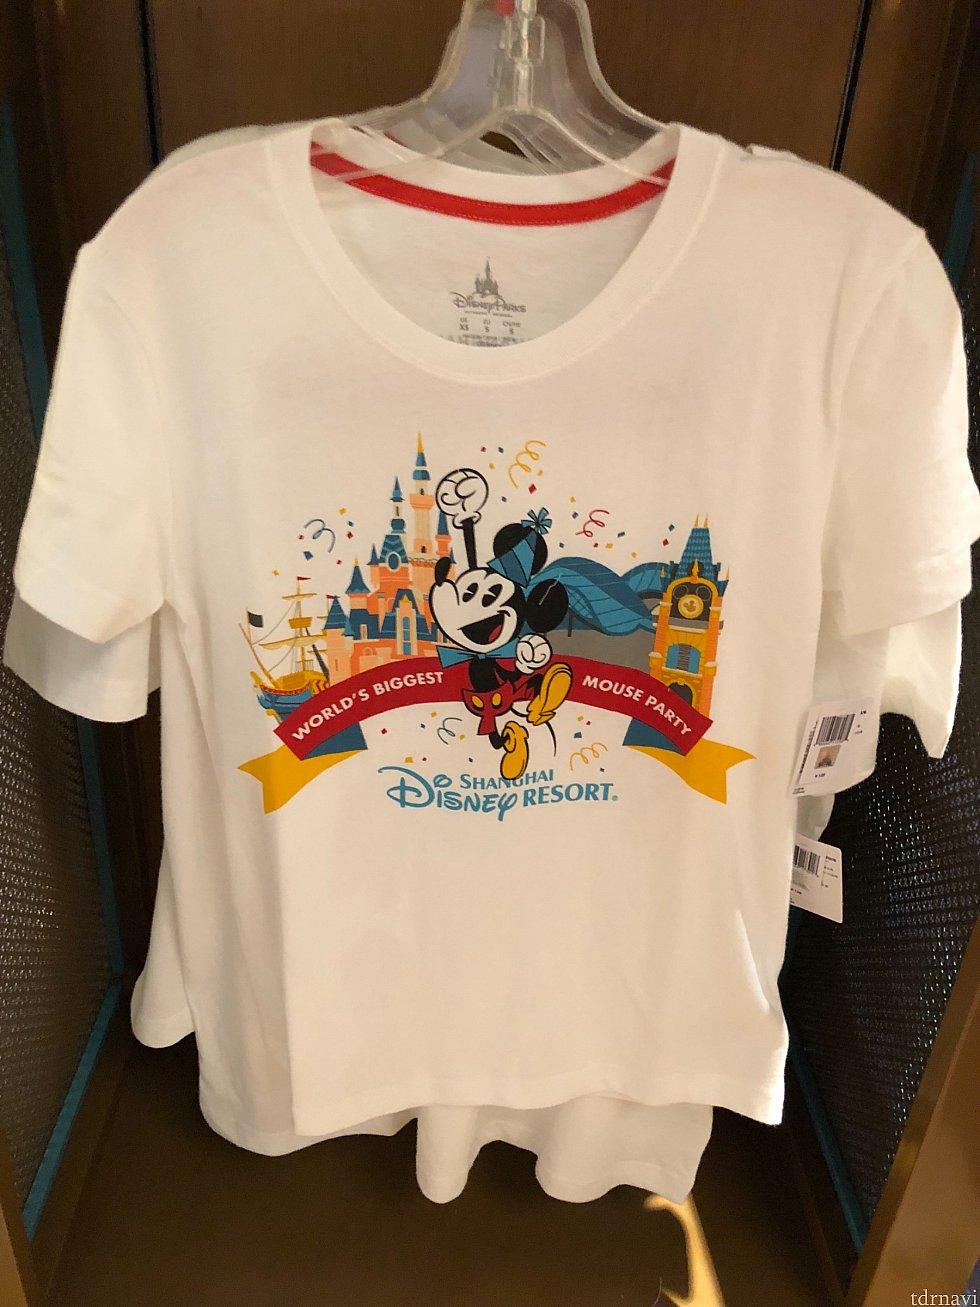 Tシャツ大人用 129元